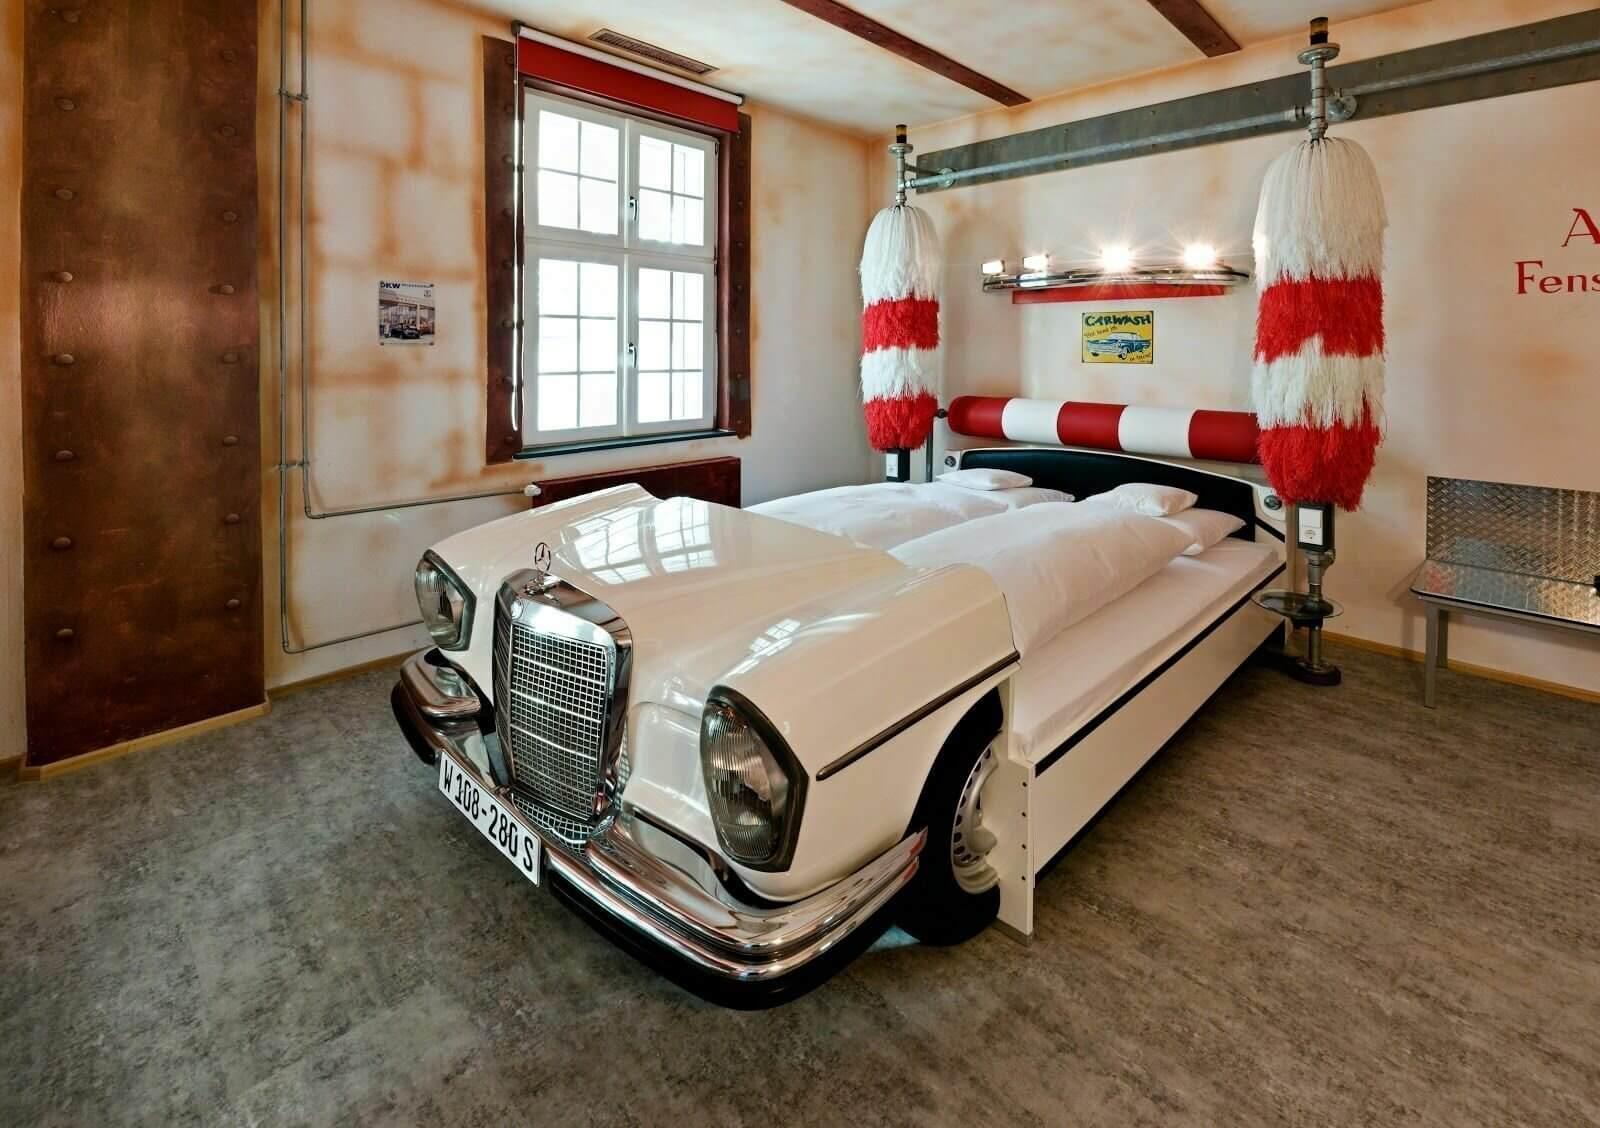 кровать из автомобилей